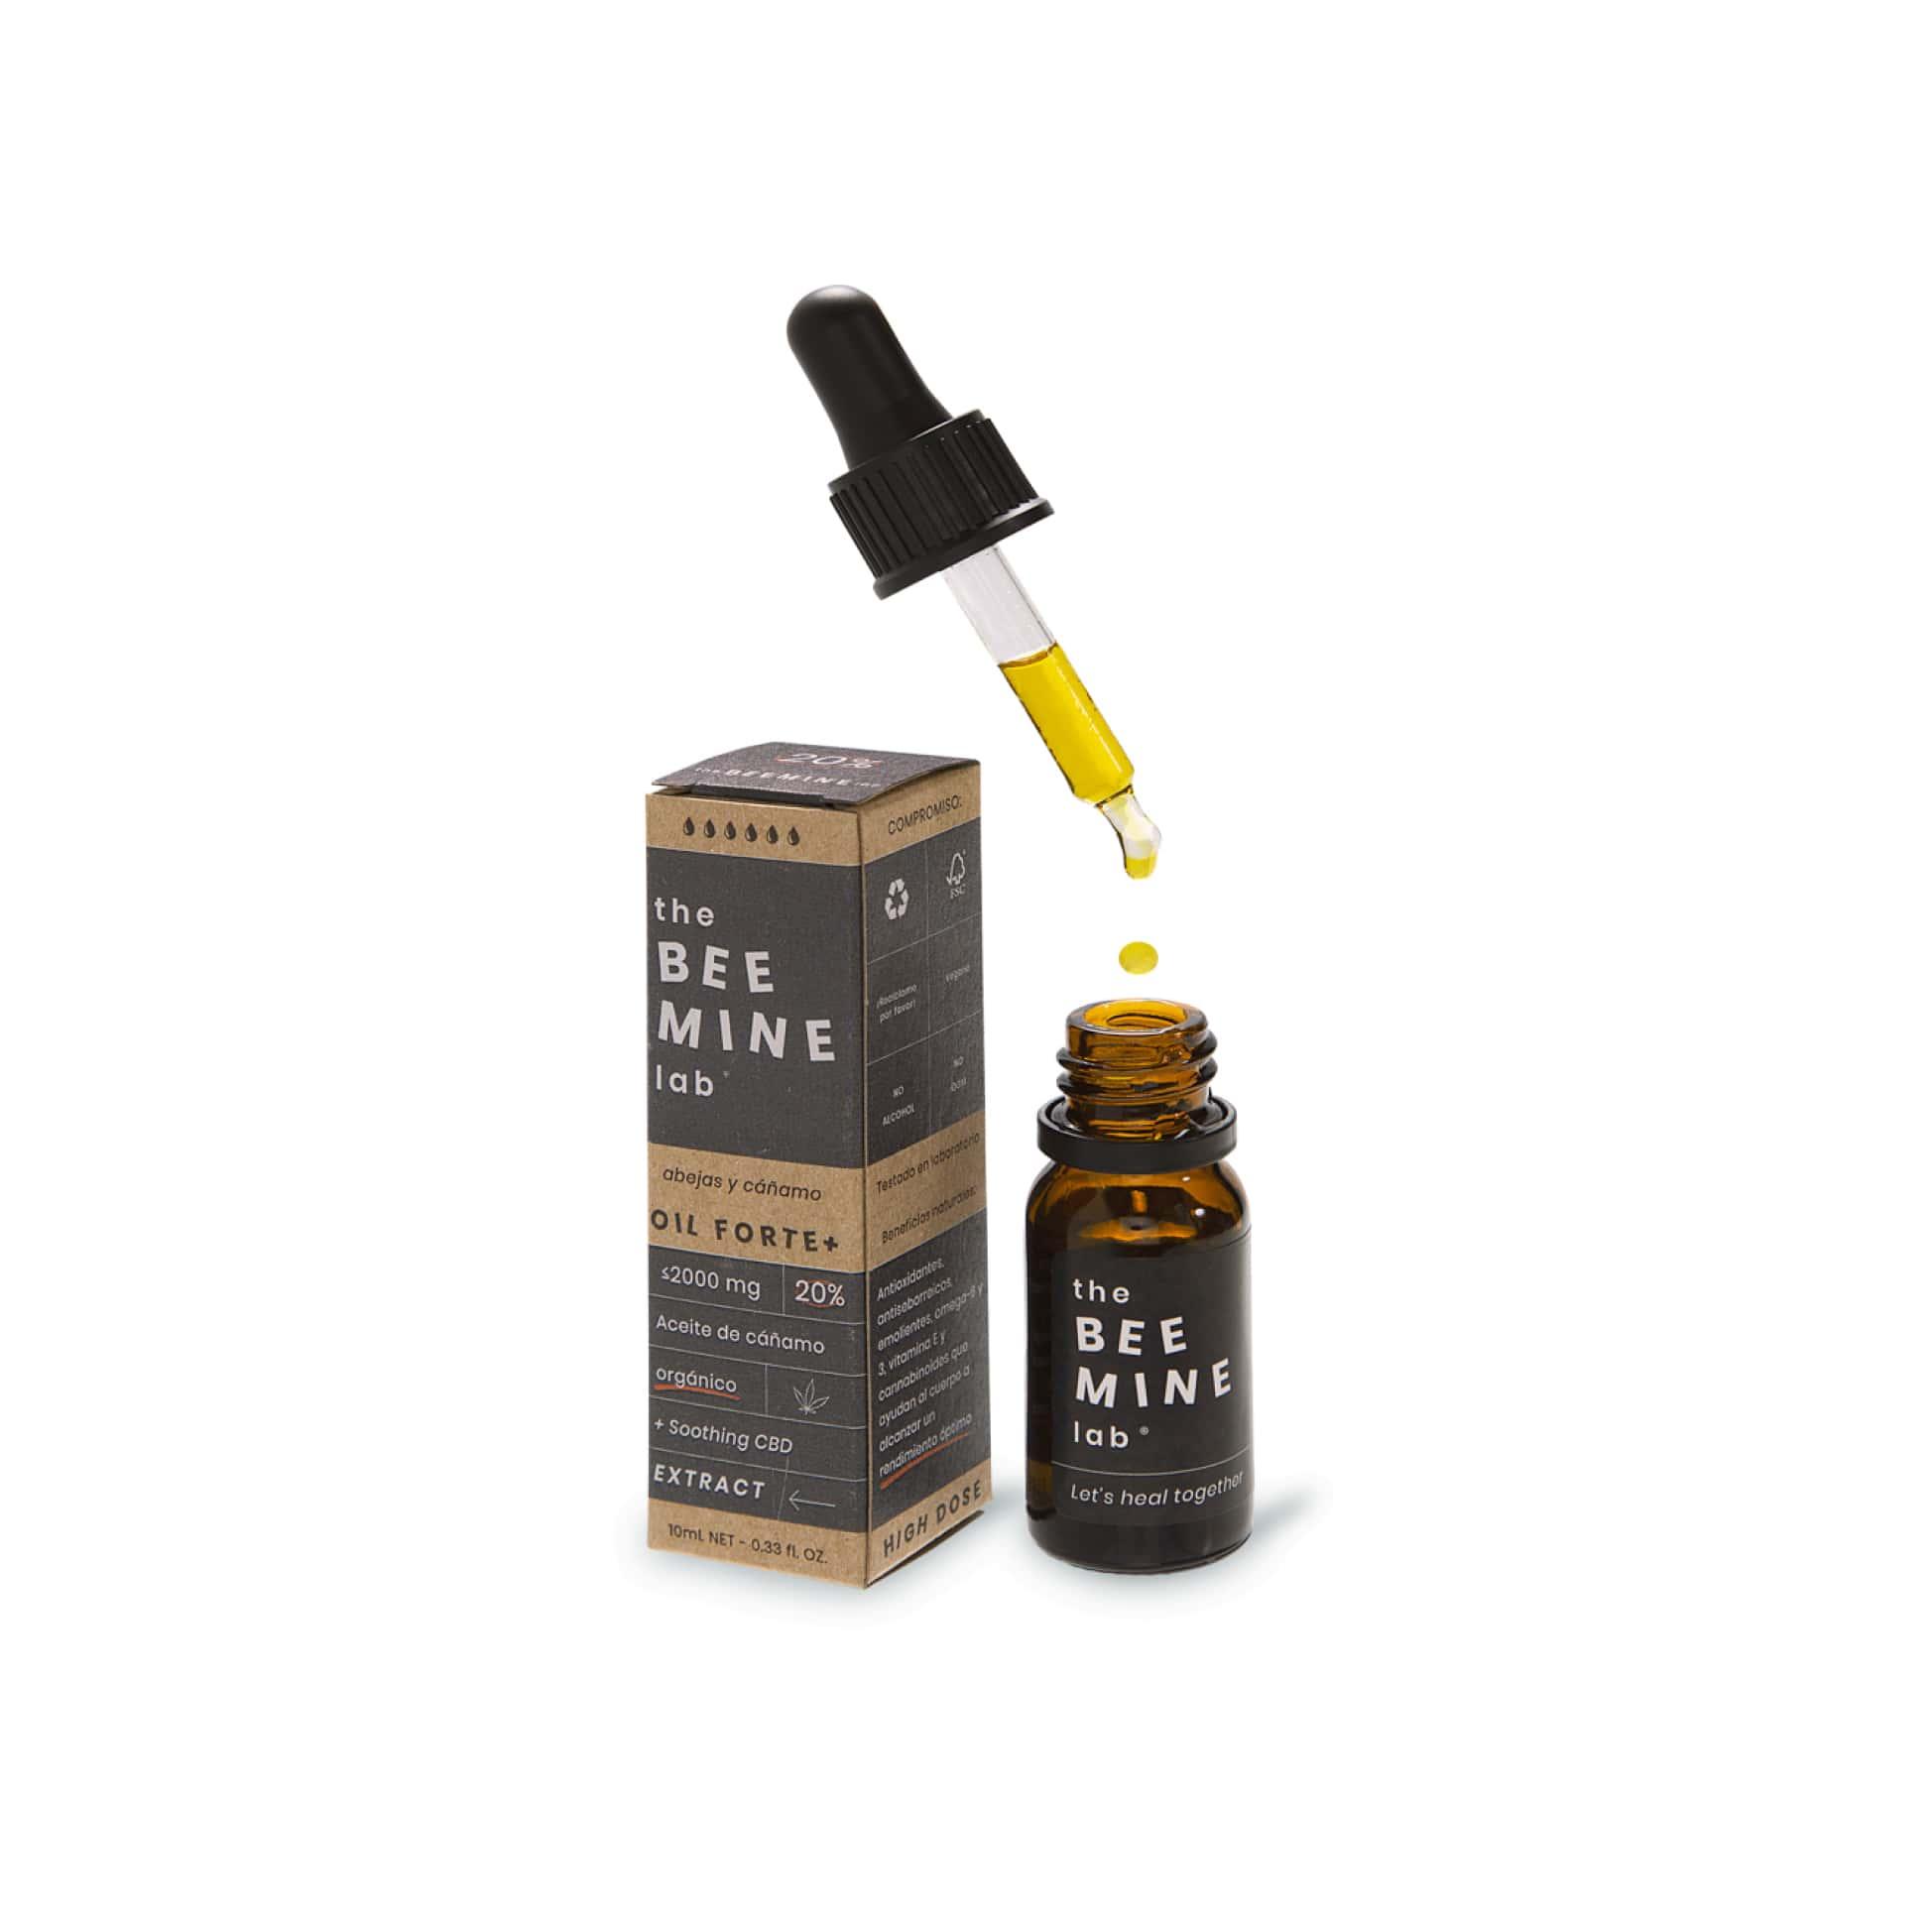 Aceite de CBD 20% Forte + CBD abierto-min